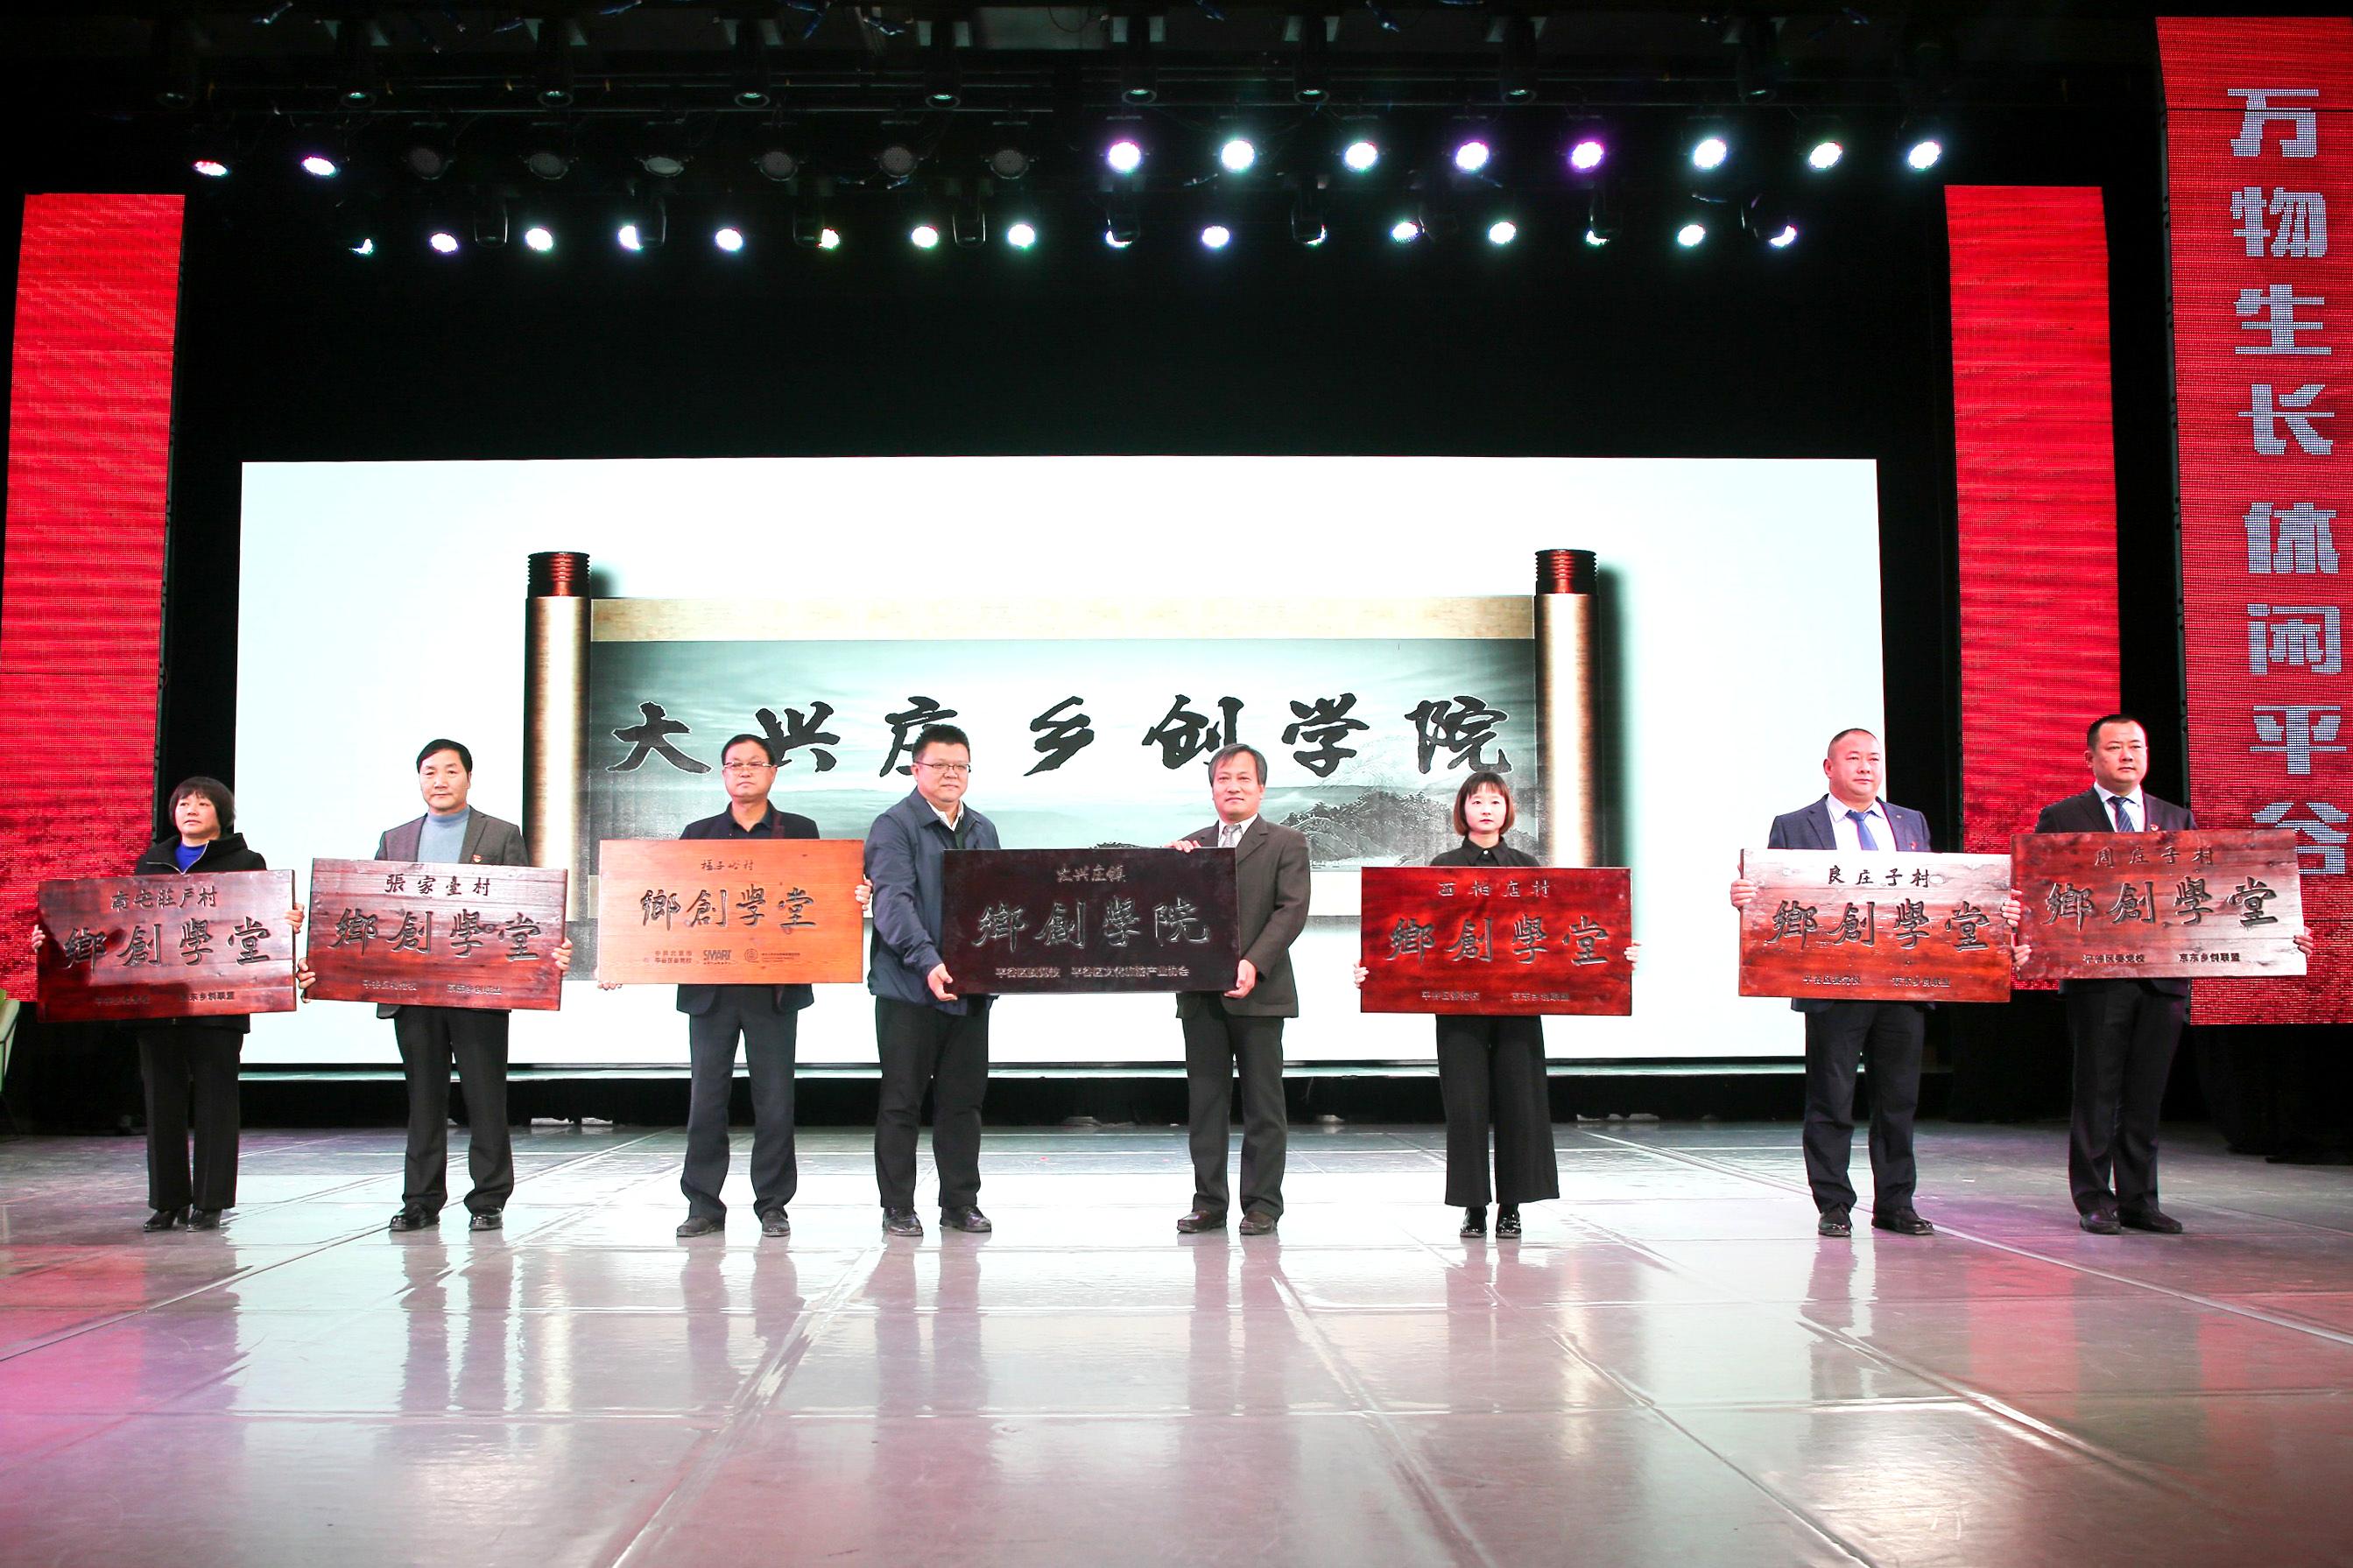 """平谷发布""""乡创标识"""",15个村列为""""乡创先行试点村""""_发展"""